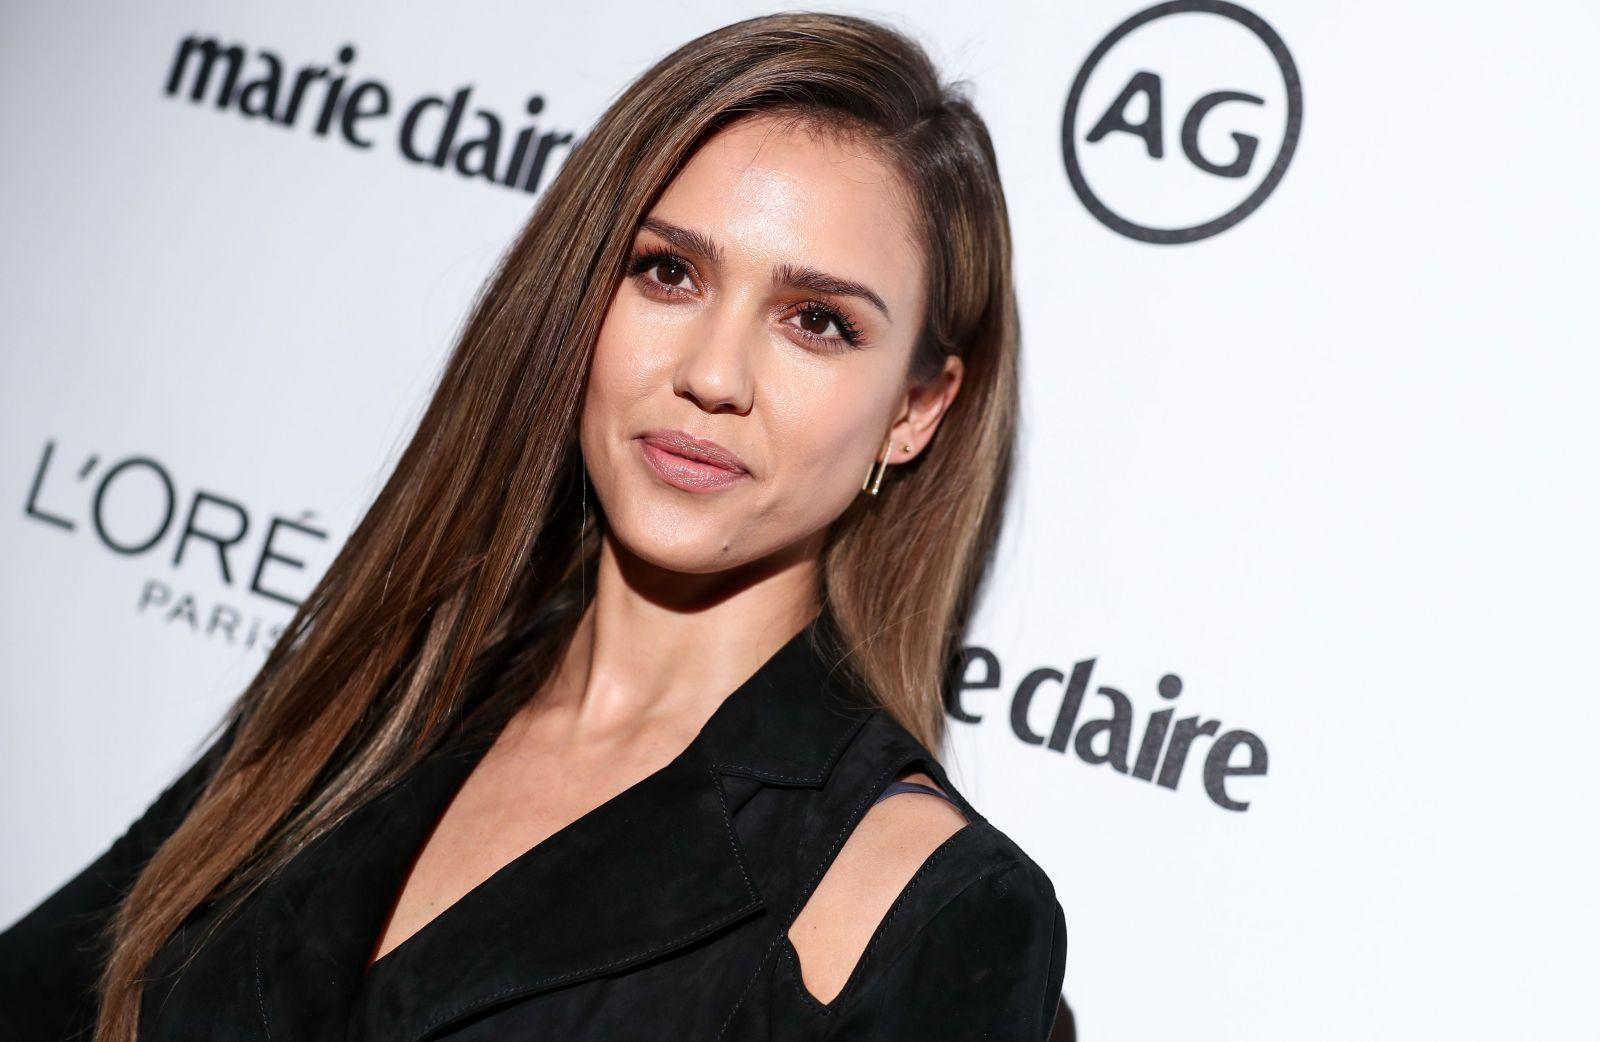 Джессика Альба покорила изысканным брючным костюмом на модной вечеринке